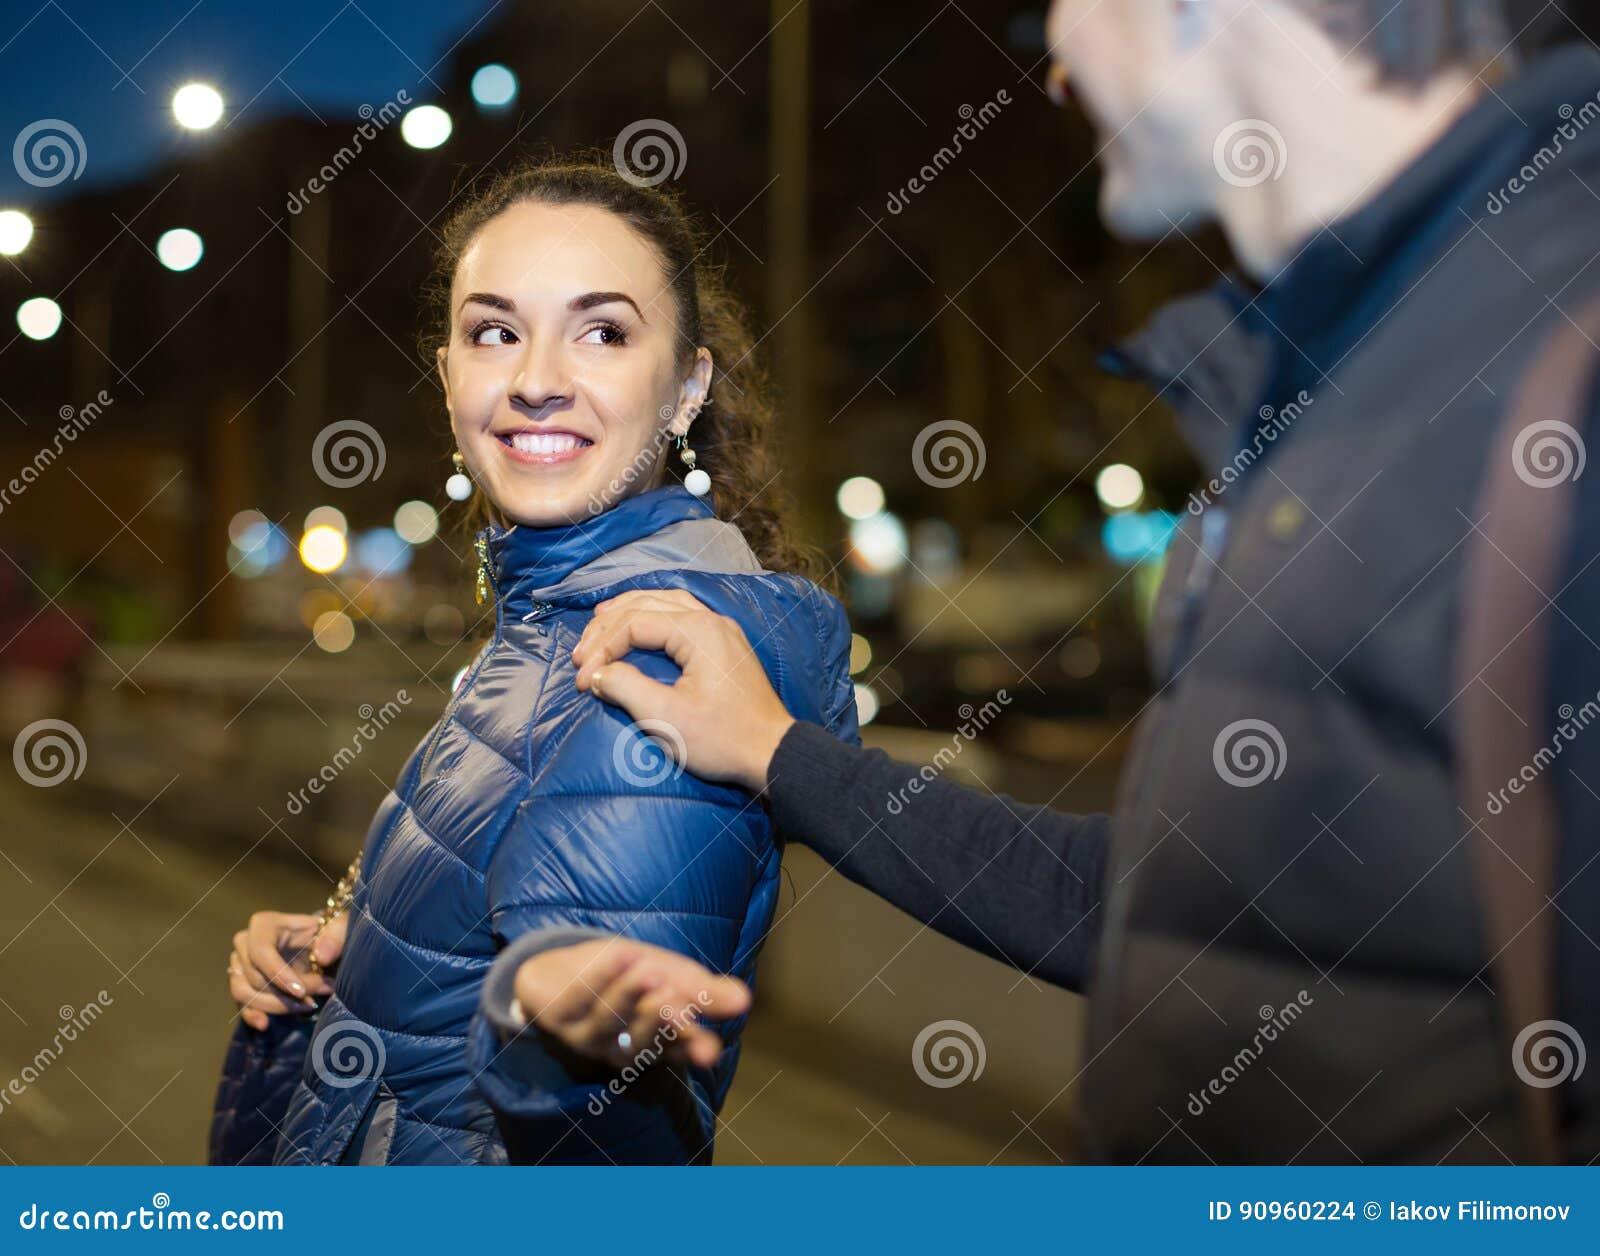 flirter avec une femme